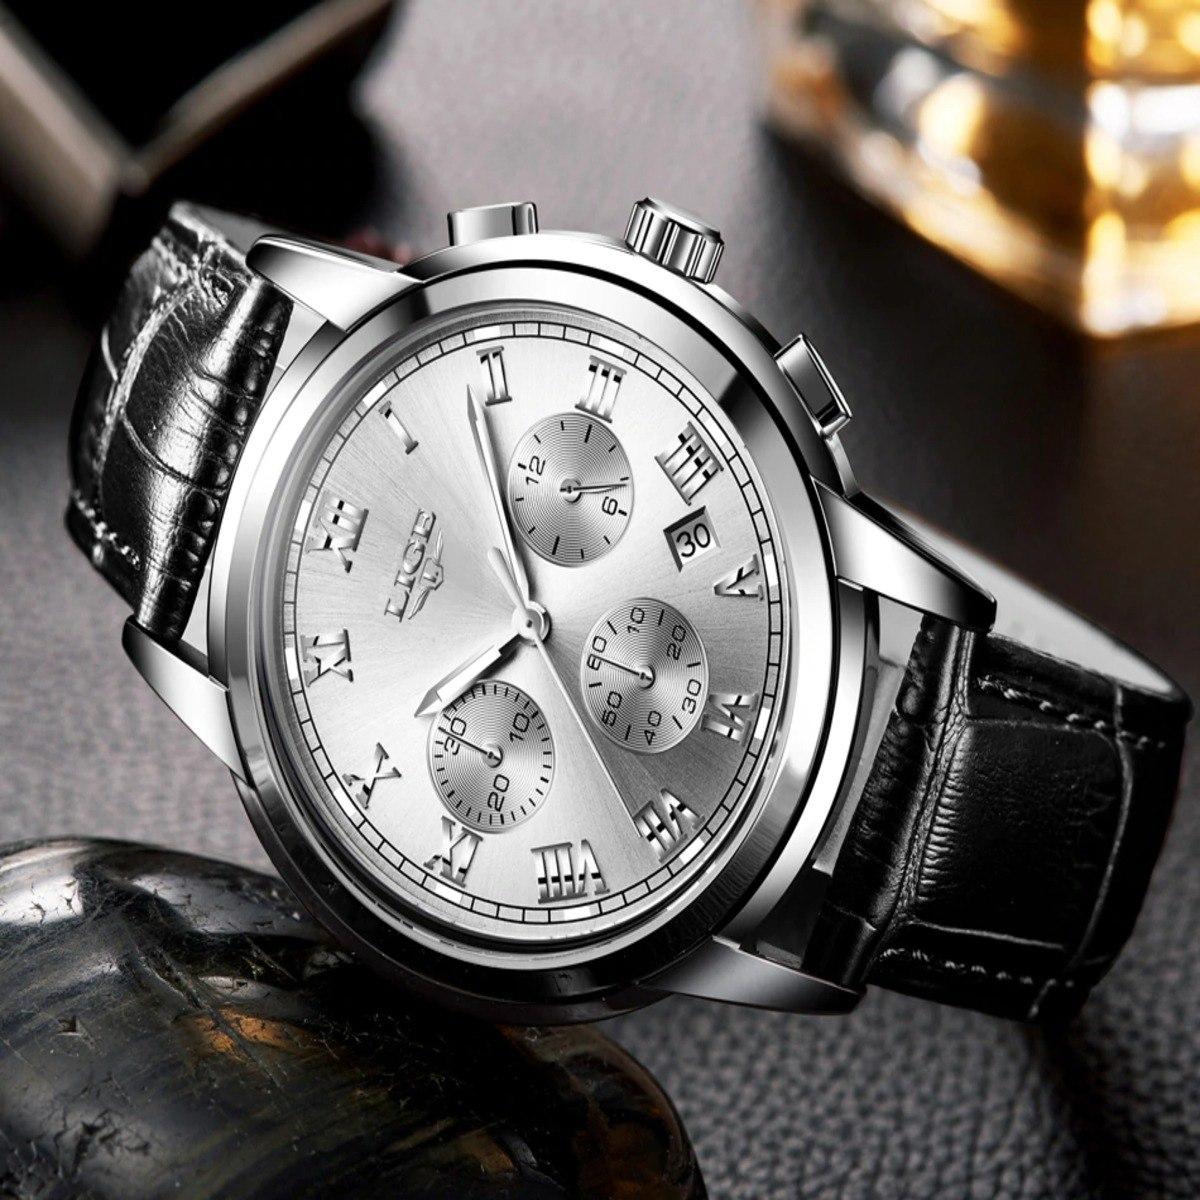 2d23fdf9ad8 relogio masculino wishdoit pulseira de couro discreto lindo. Carregando zoom .